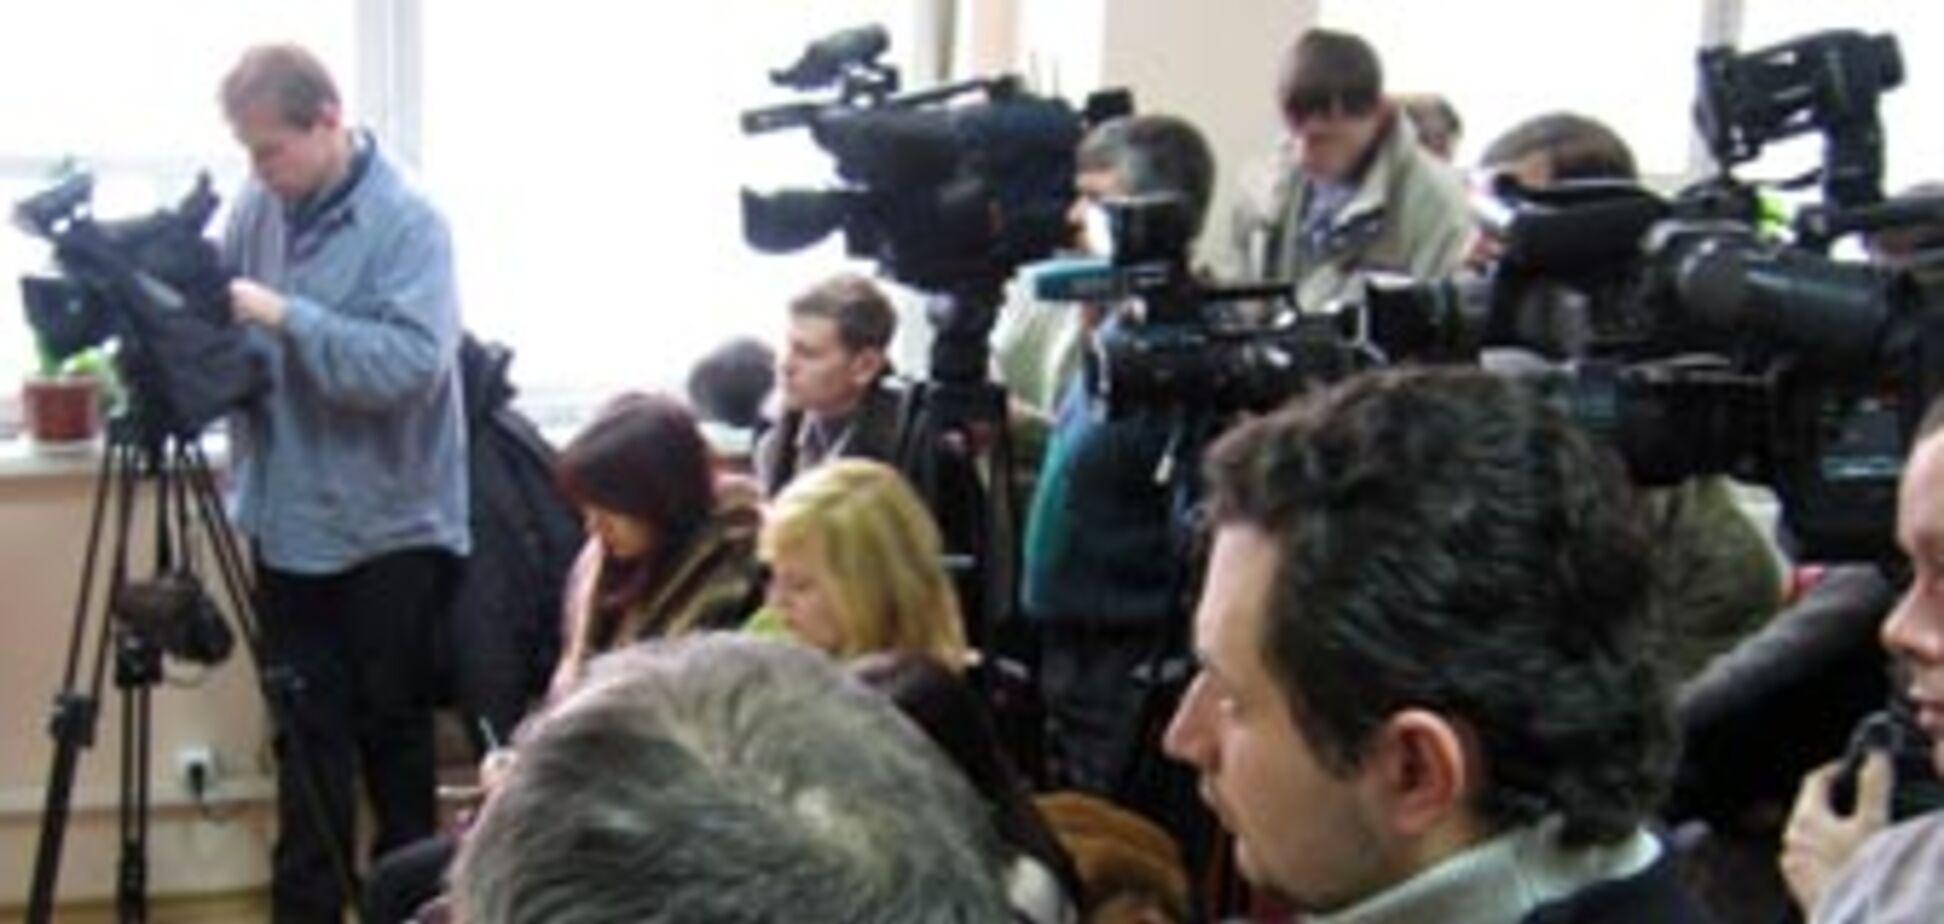 Черновецький викликав Тимошенко на бій